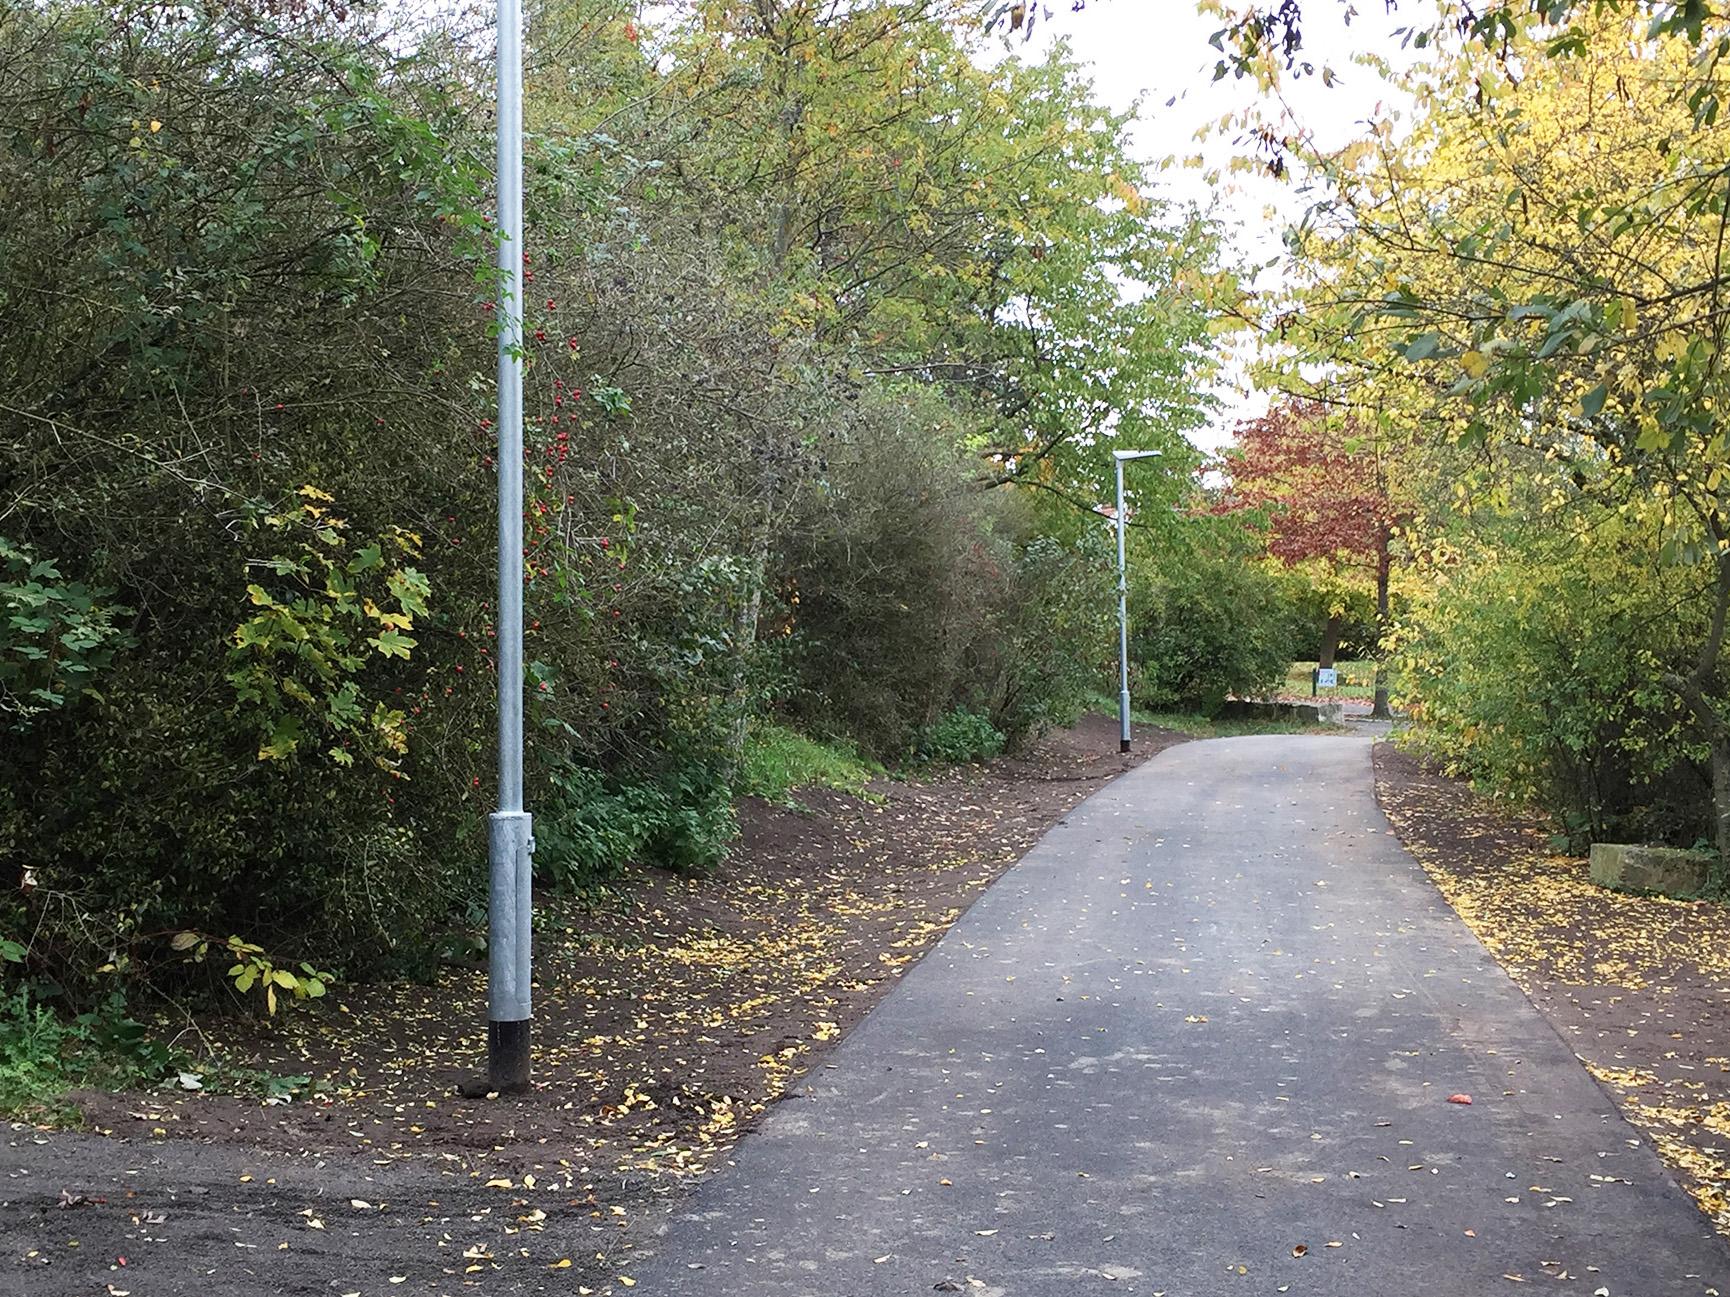 Ein Weg durch einen Grünstreifen.